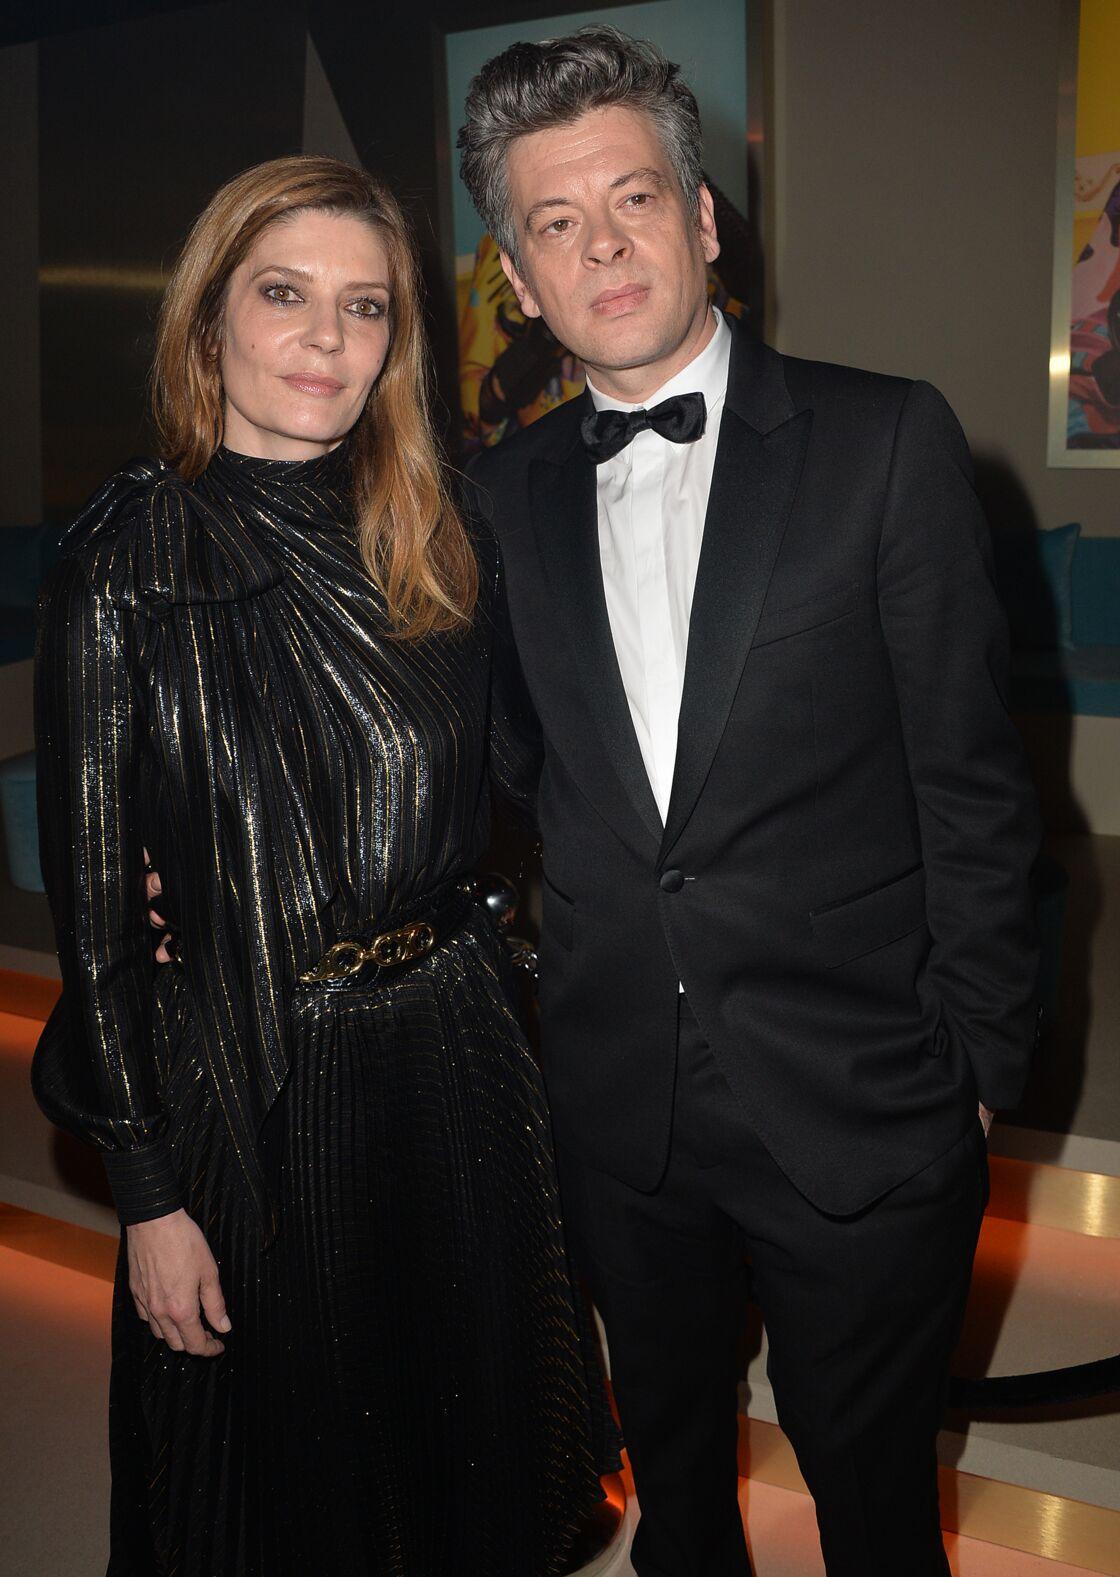 Chiara Mastroianni et Benjamin Biolay sont les parents d'une fille prénommée Anna et qui a célébré son 17ème anniversaire le 22 avril 2020